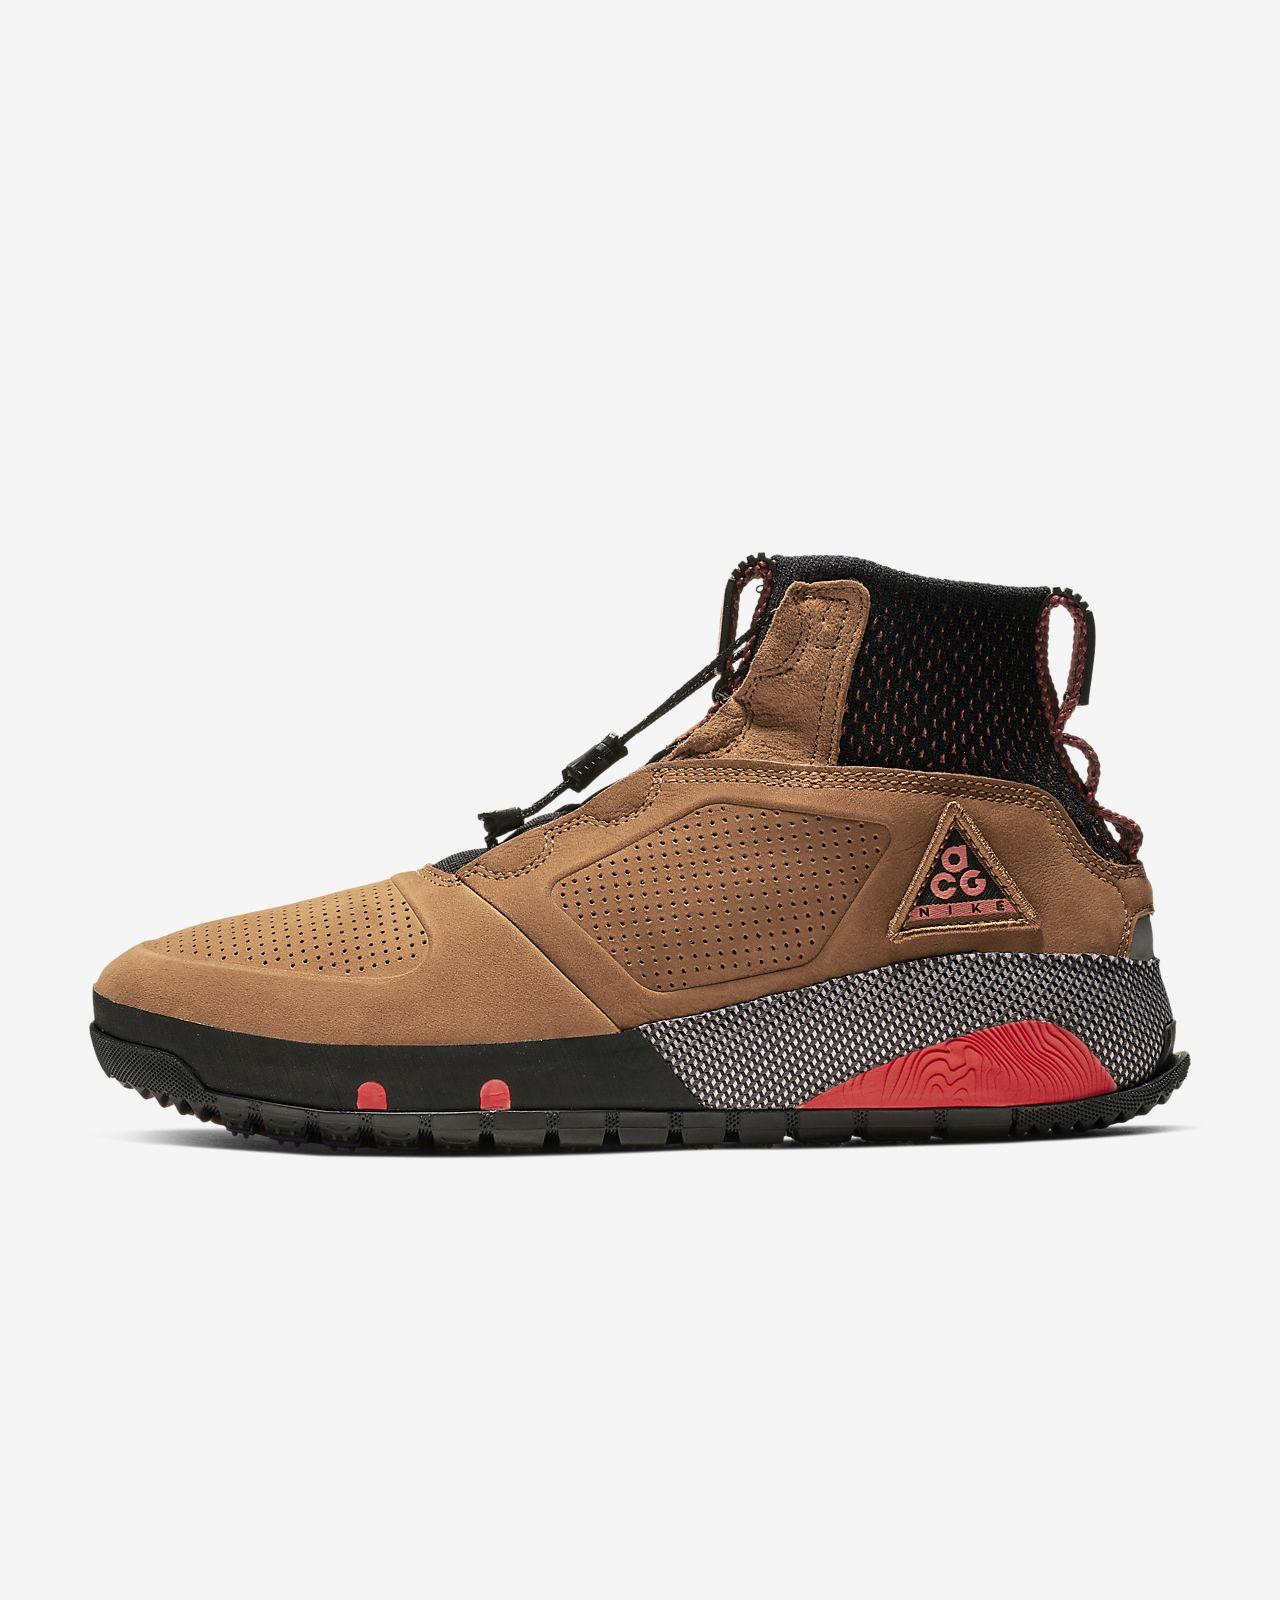 รองเท้าผู้ชาย Nike ACG Ruckle Ridge